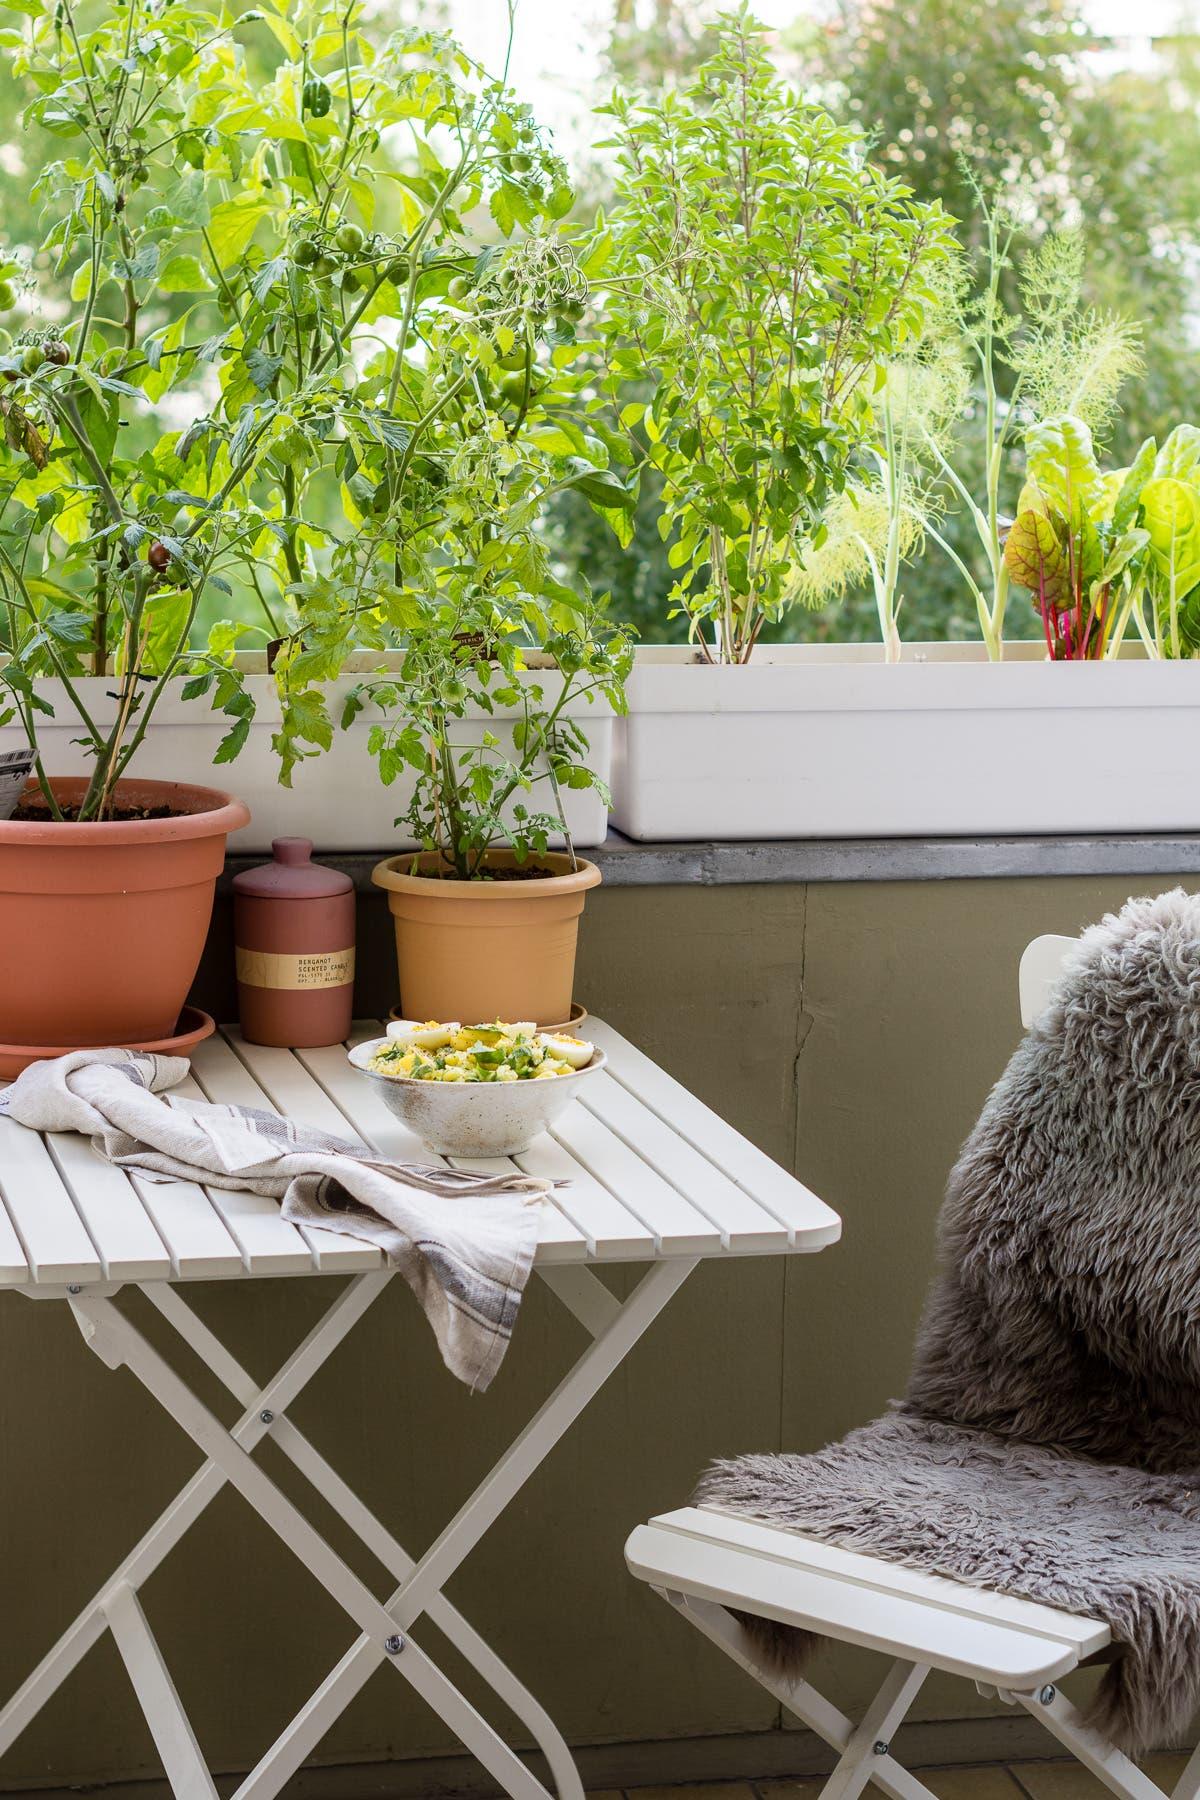 Balkongarten mit grünen Pflanzen, weißen Möbeln und Kartoffelsalat auf dem Tisch